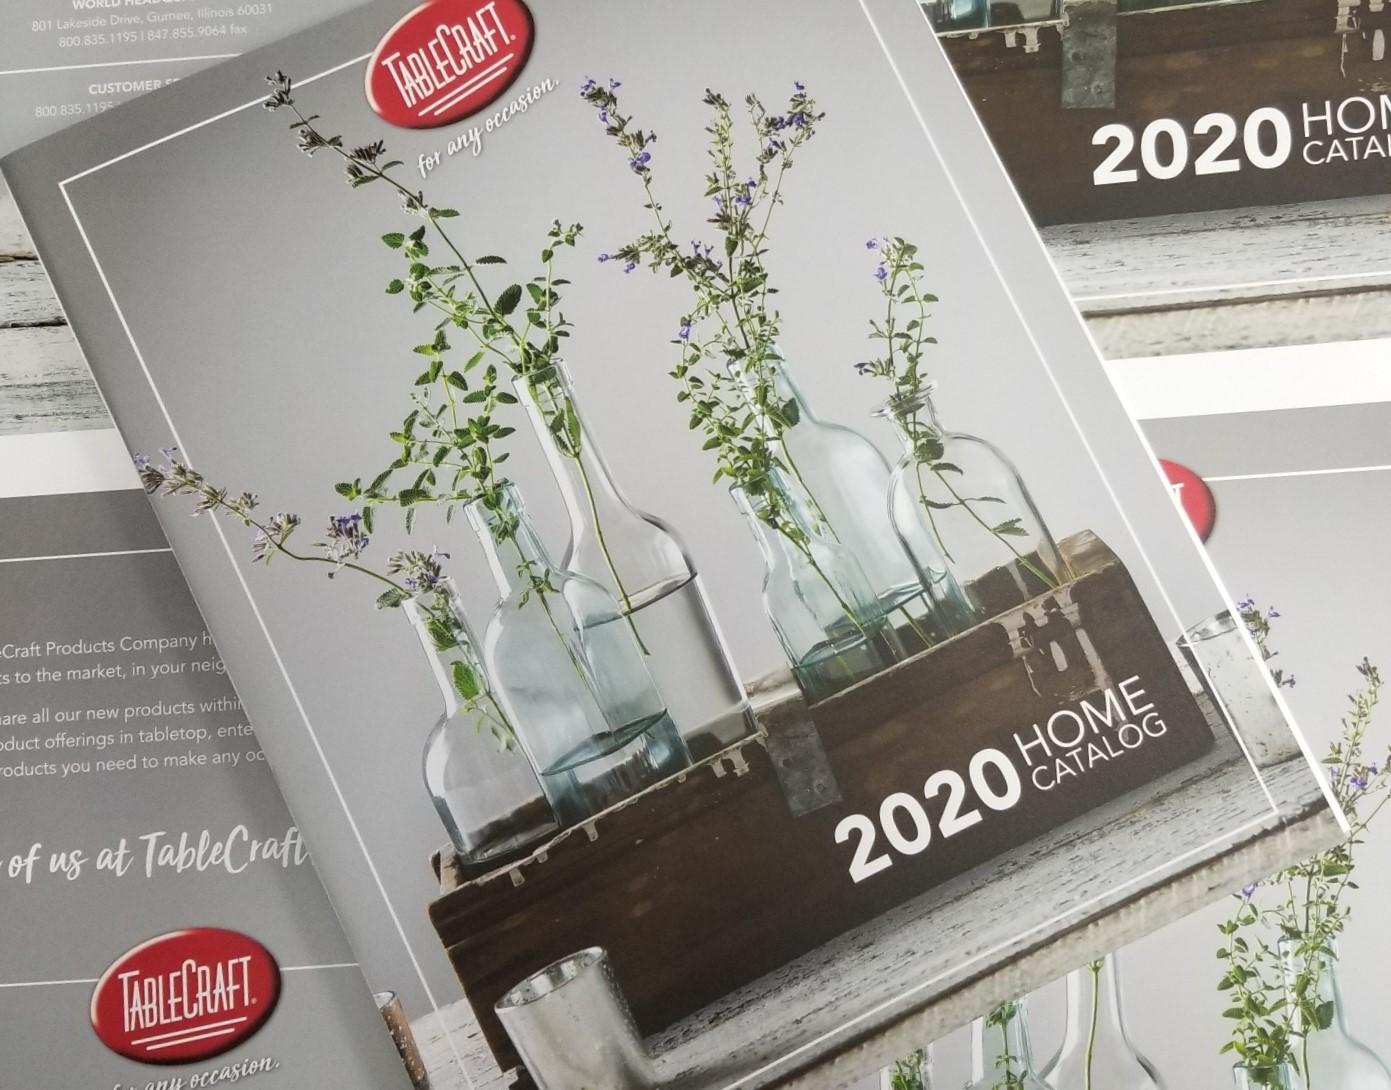 2020 Retail Catalog Cover Reveal